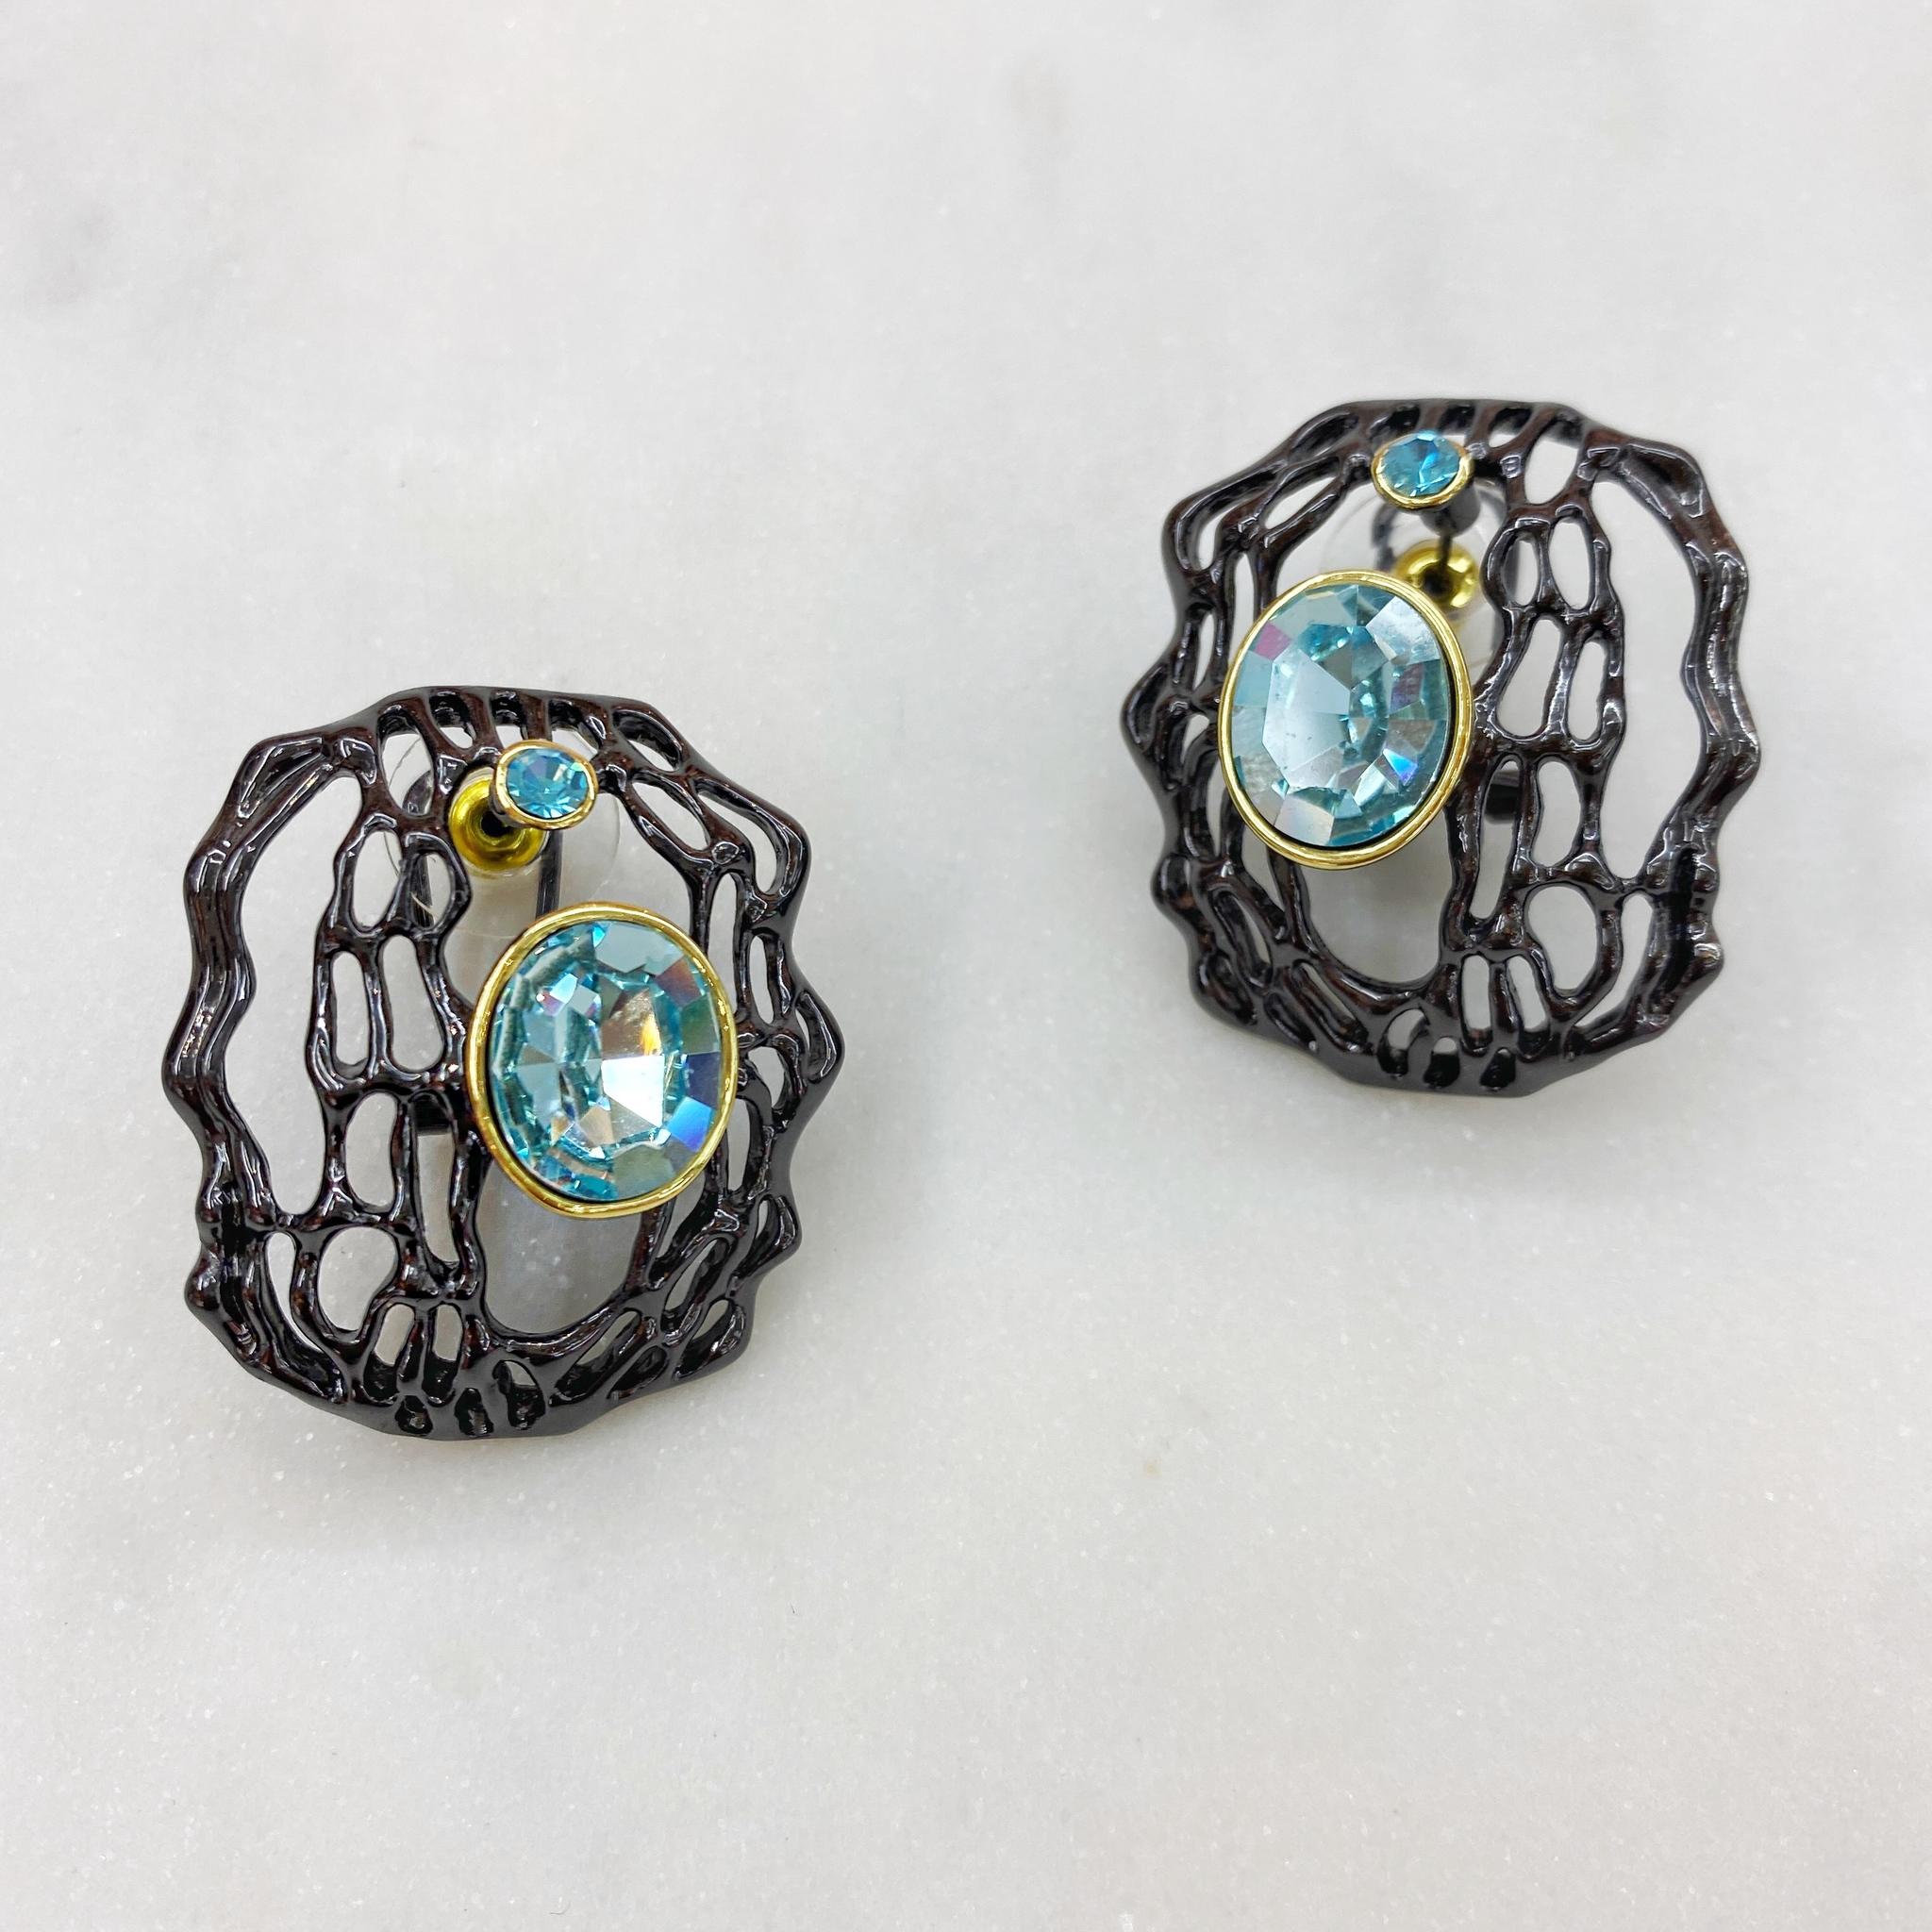 Серьги ажурные с кристаллом (черный/голубой) Vi (Авангард)